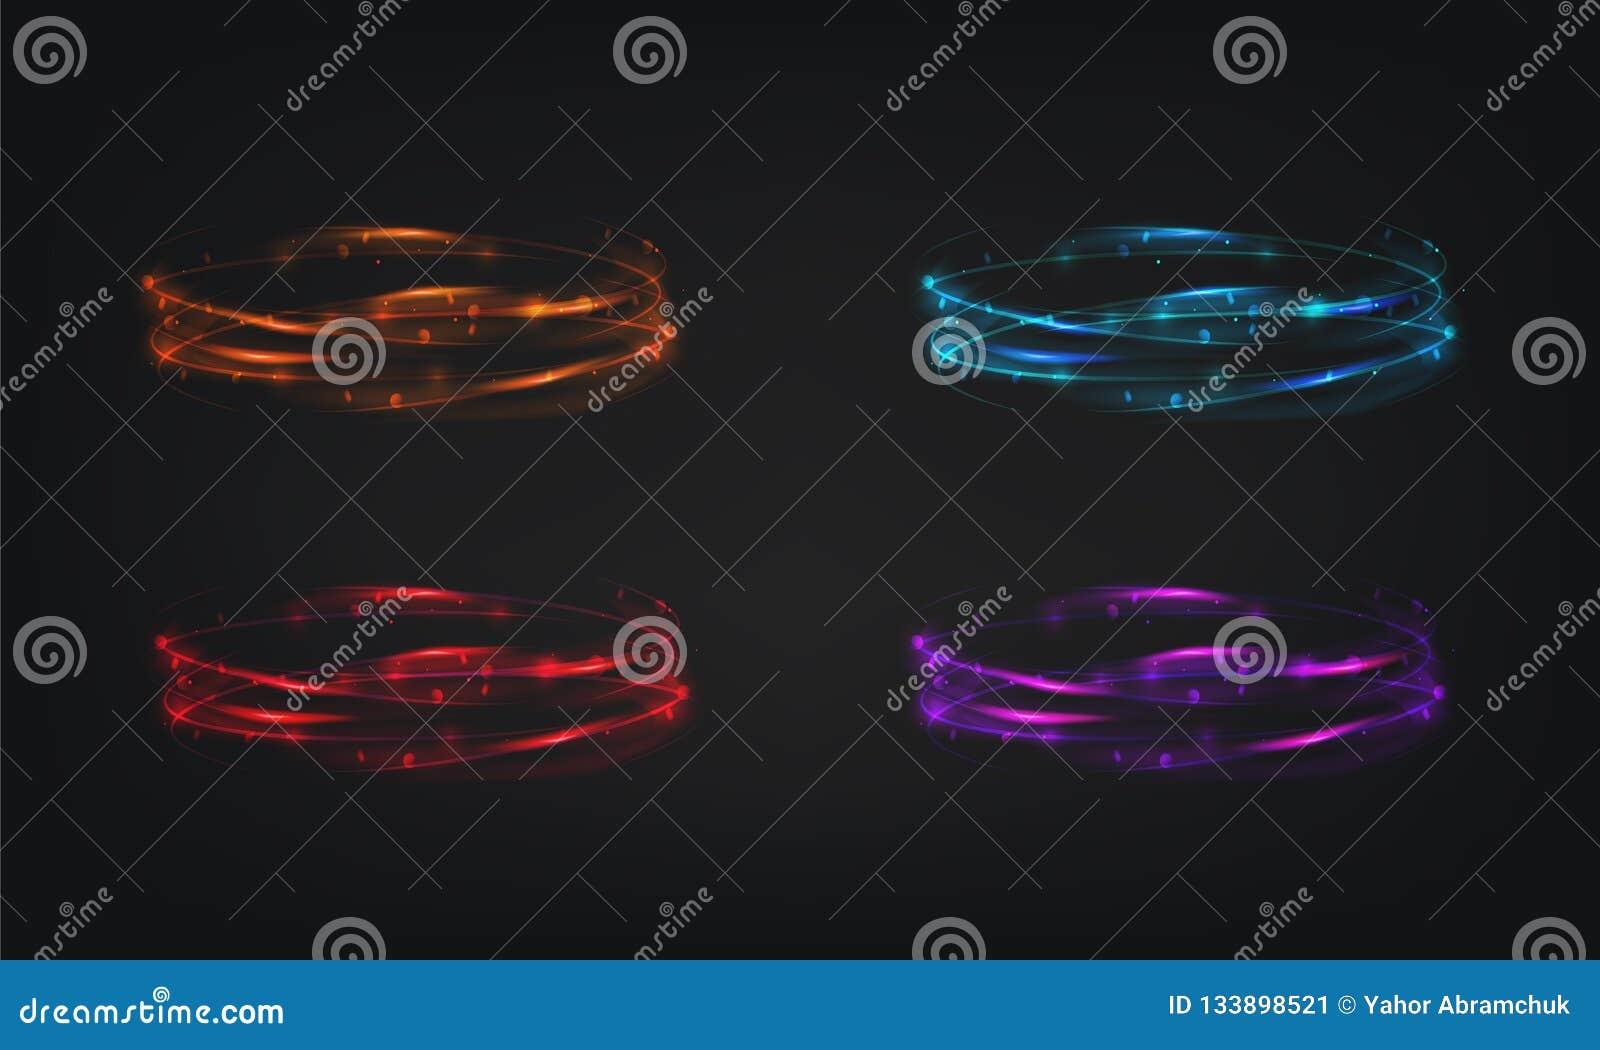 Diseño brillante abstracto del ejemplo del brillo del efecto de los anillos del vector del resplandor ligero brillante mágico del